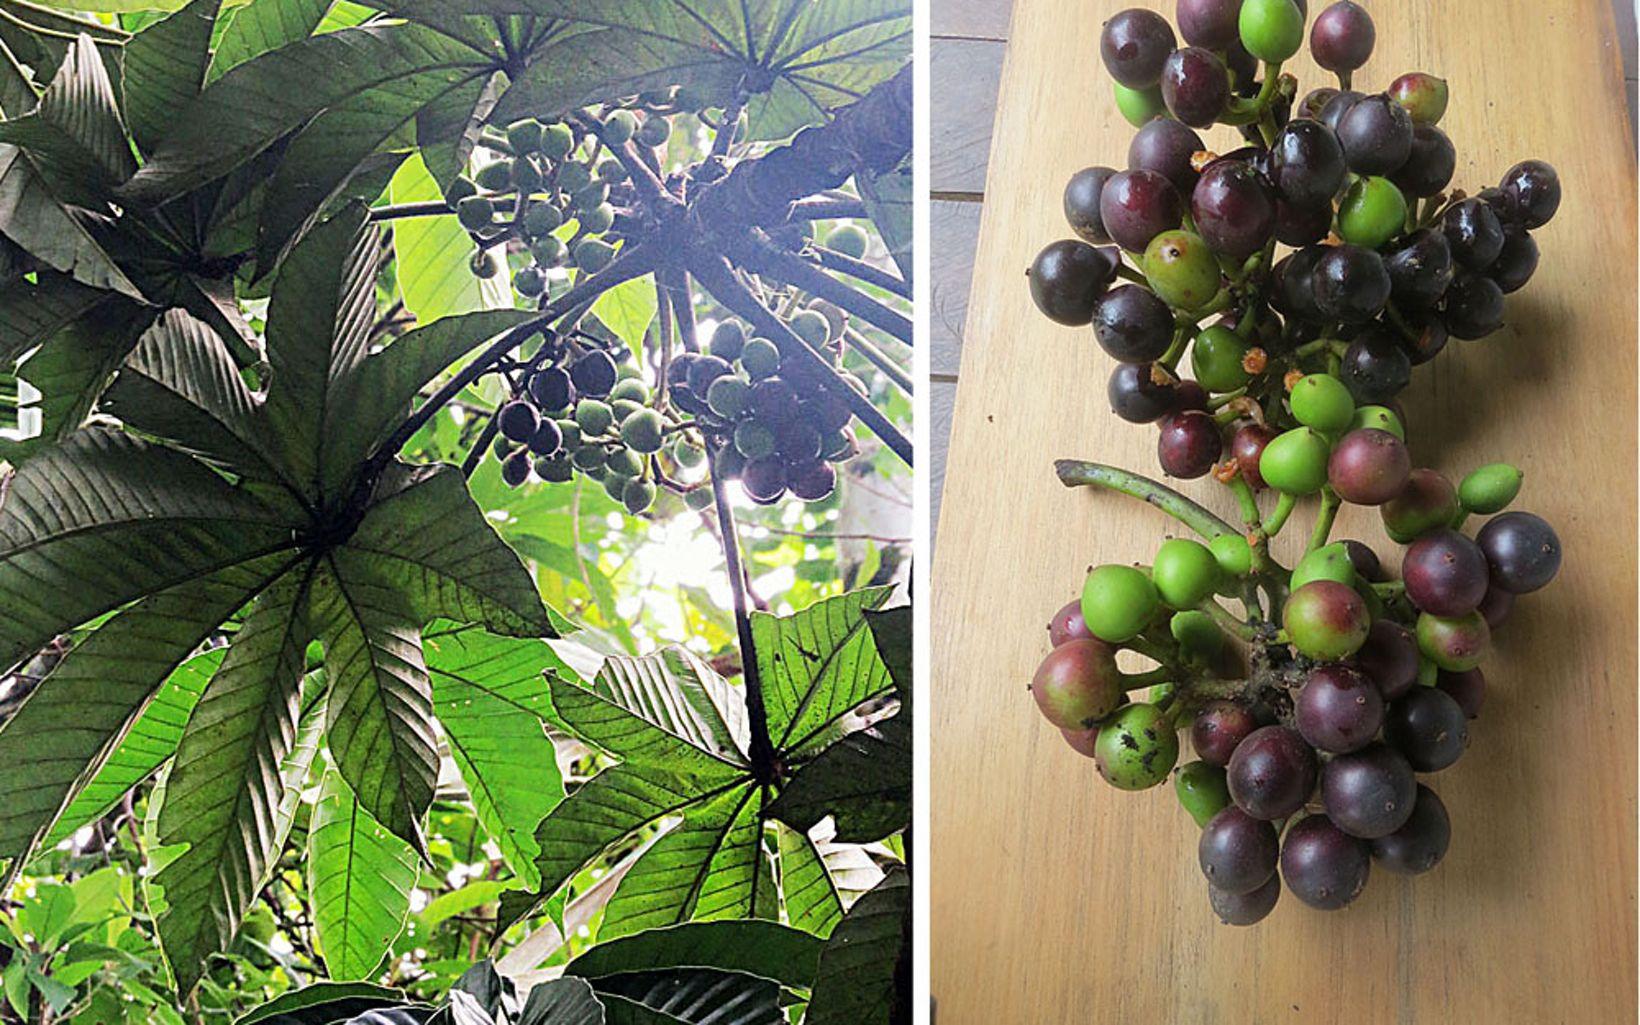 La pulpa es blancuzca, dulce y jugosa y envuelve una semilla. Se consume como fruta o se usa en la preparación de bebidas refrescantes, néctares, jaleas, mermeladas y vino.